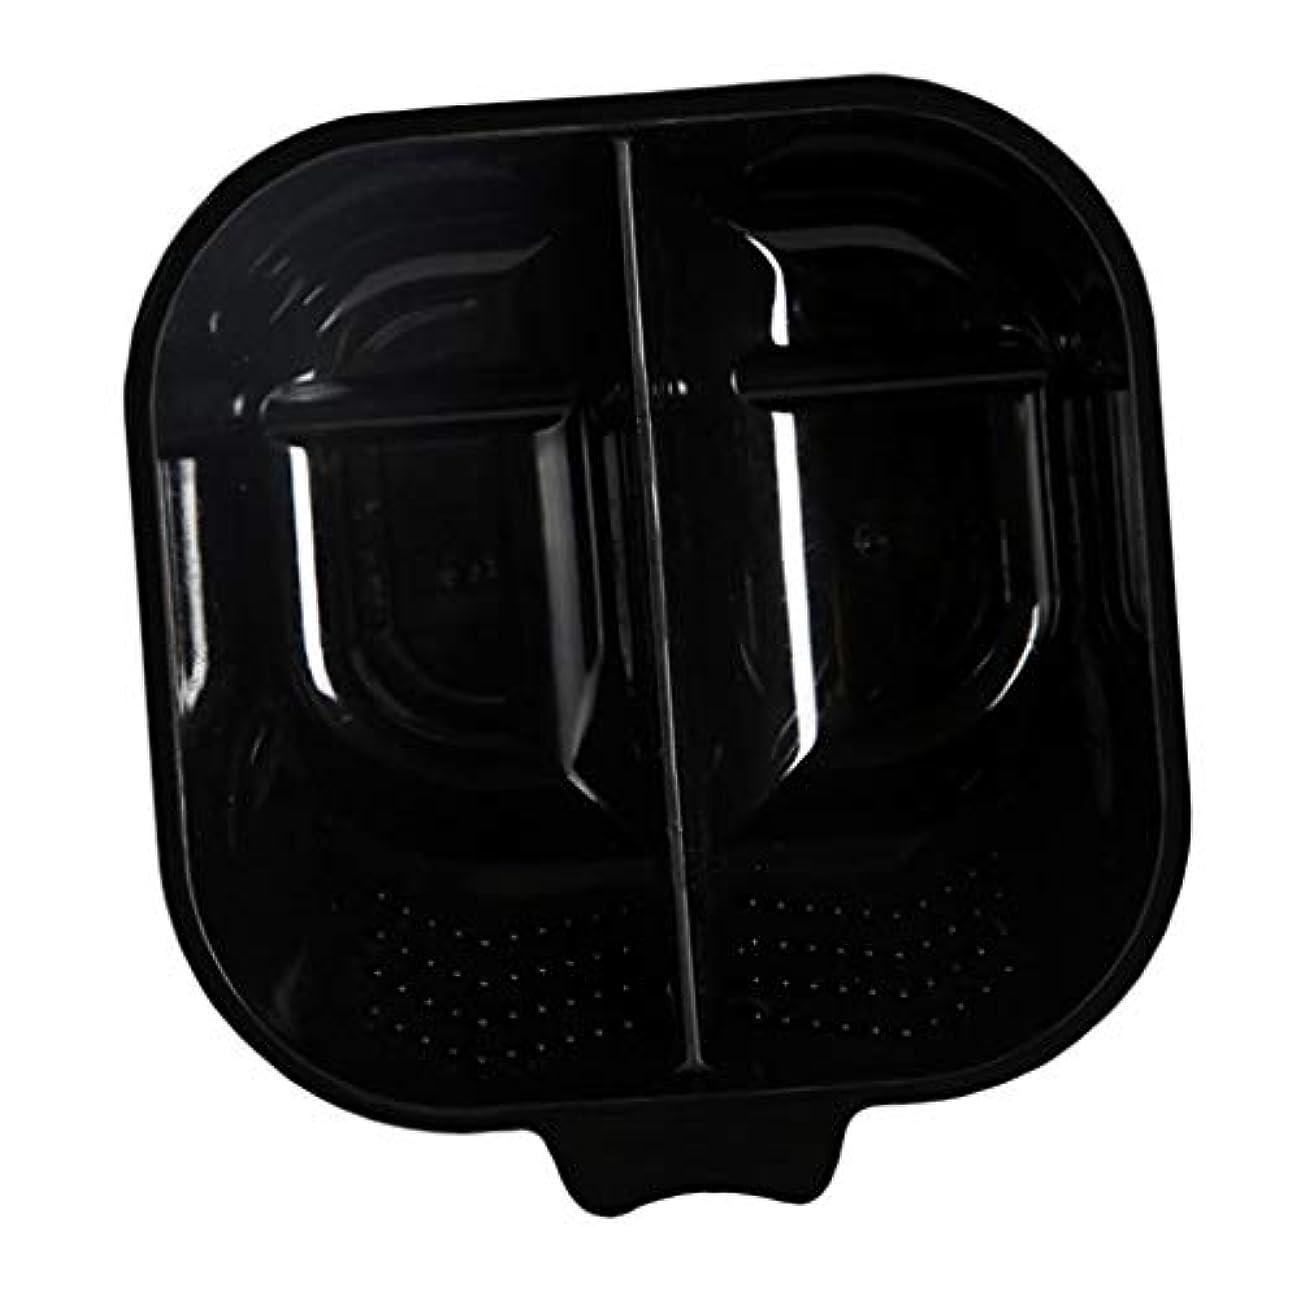 勧めるスパークデジタルヘアカラーリング用品 ヘアカラーボウル ヘアカラープレート 毛染め 染料 混ぜる サロン プロ用品 - ブラック